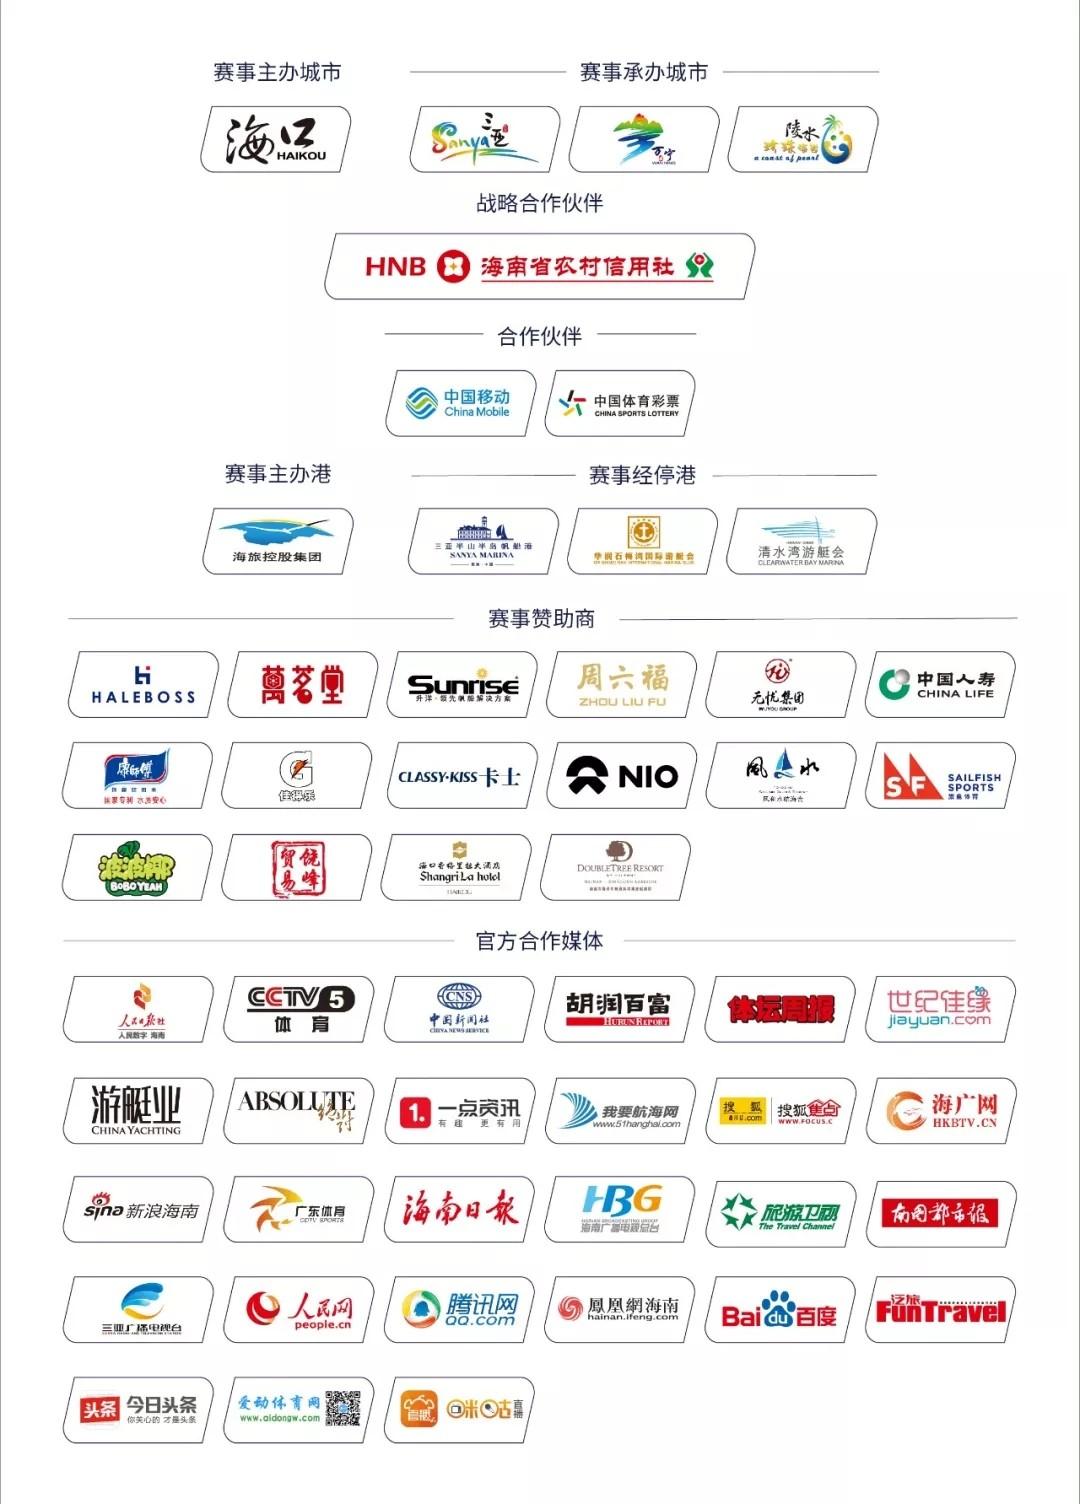 【十年·城市】活力万宁:品牌赛事塑造城市气质 640.webp1.jpg